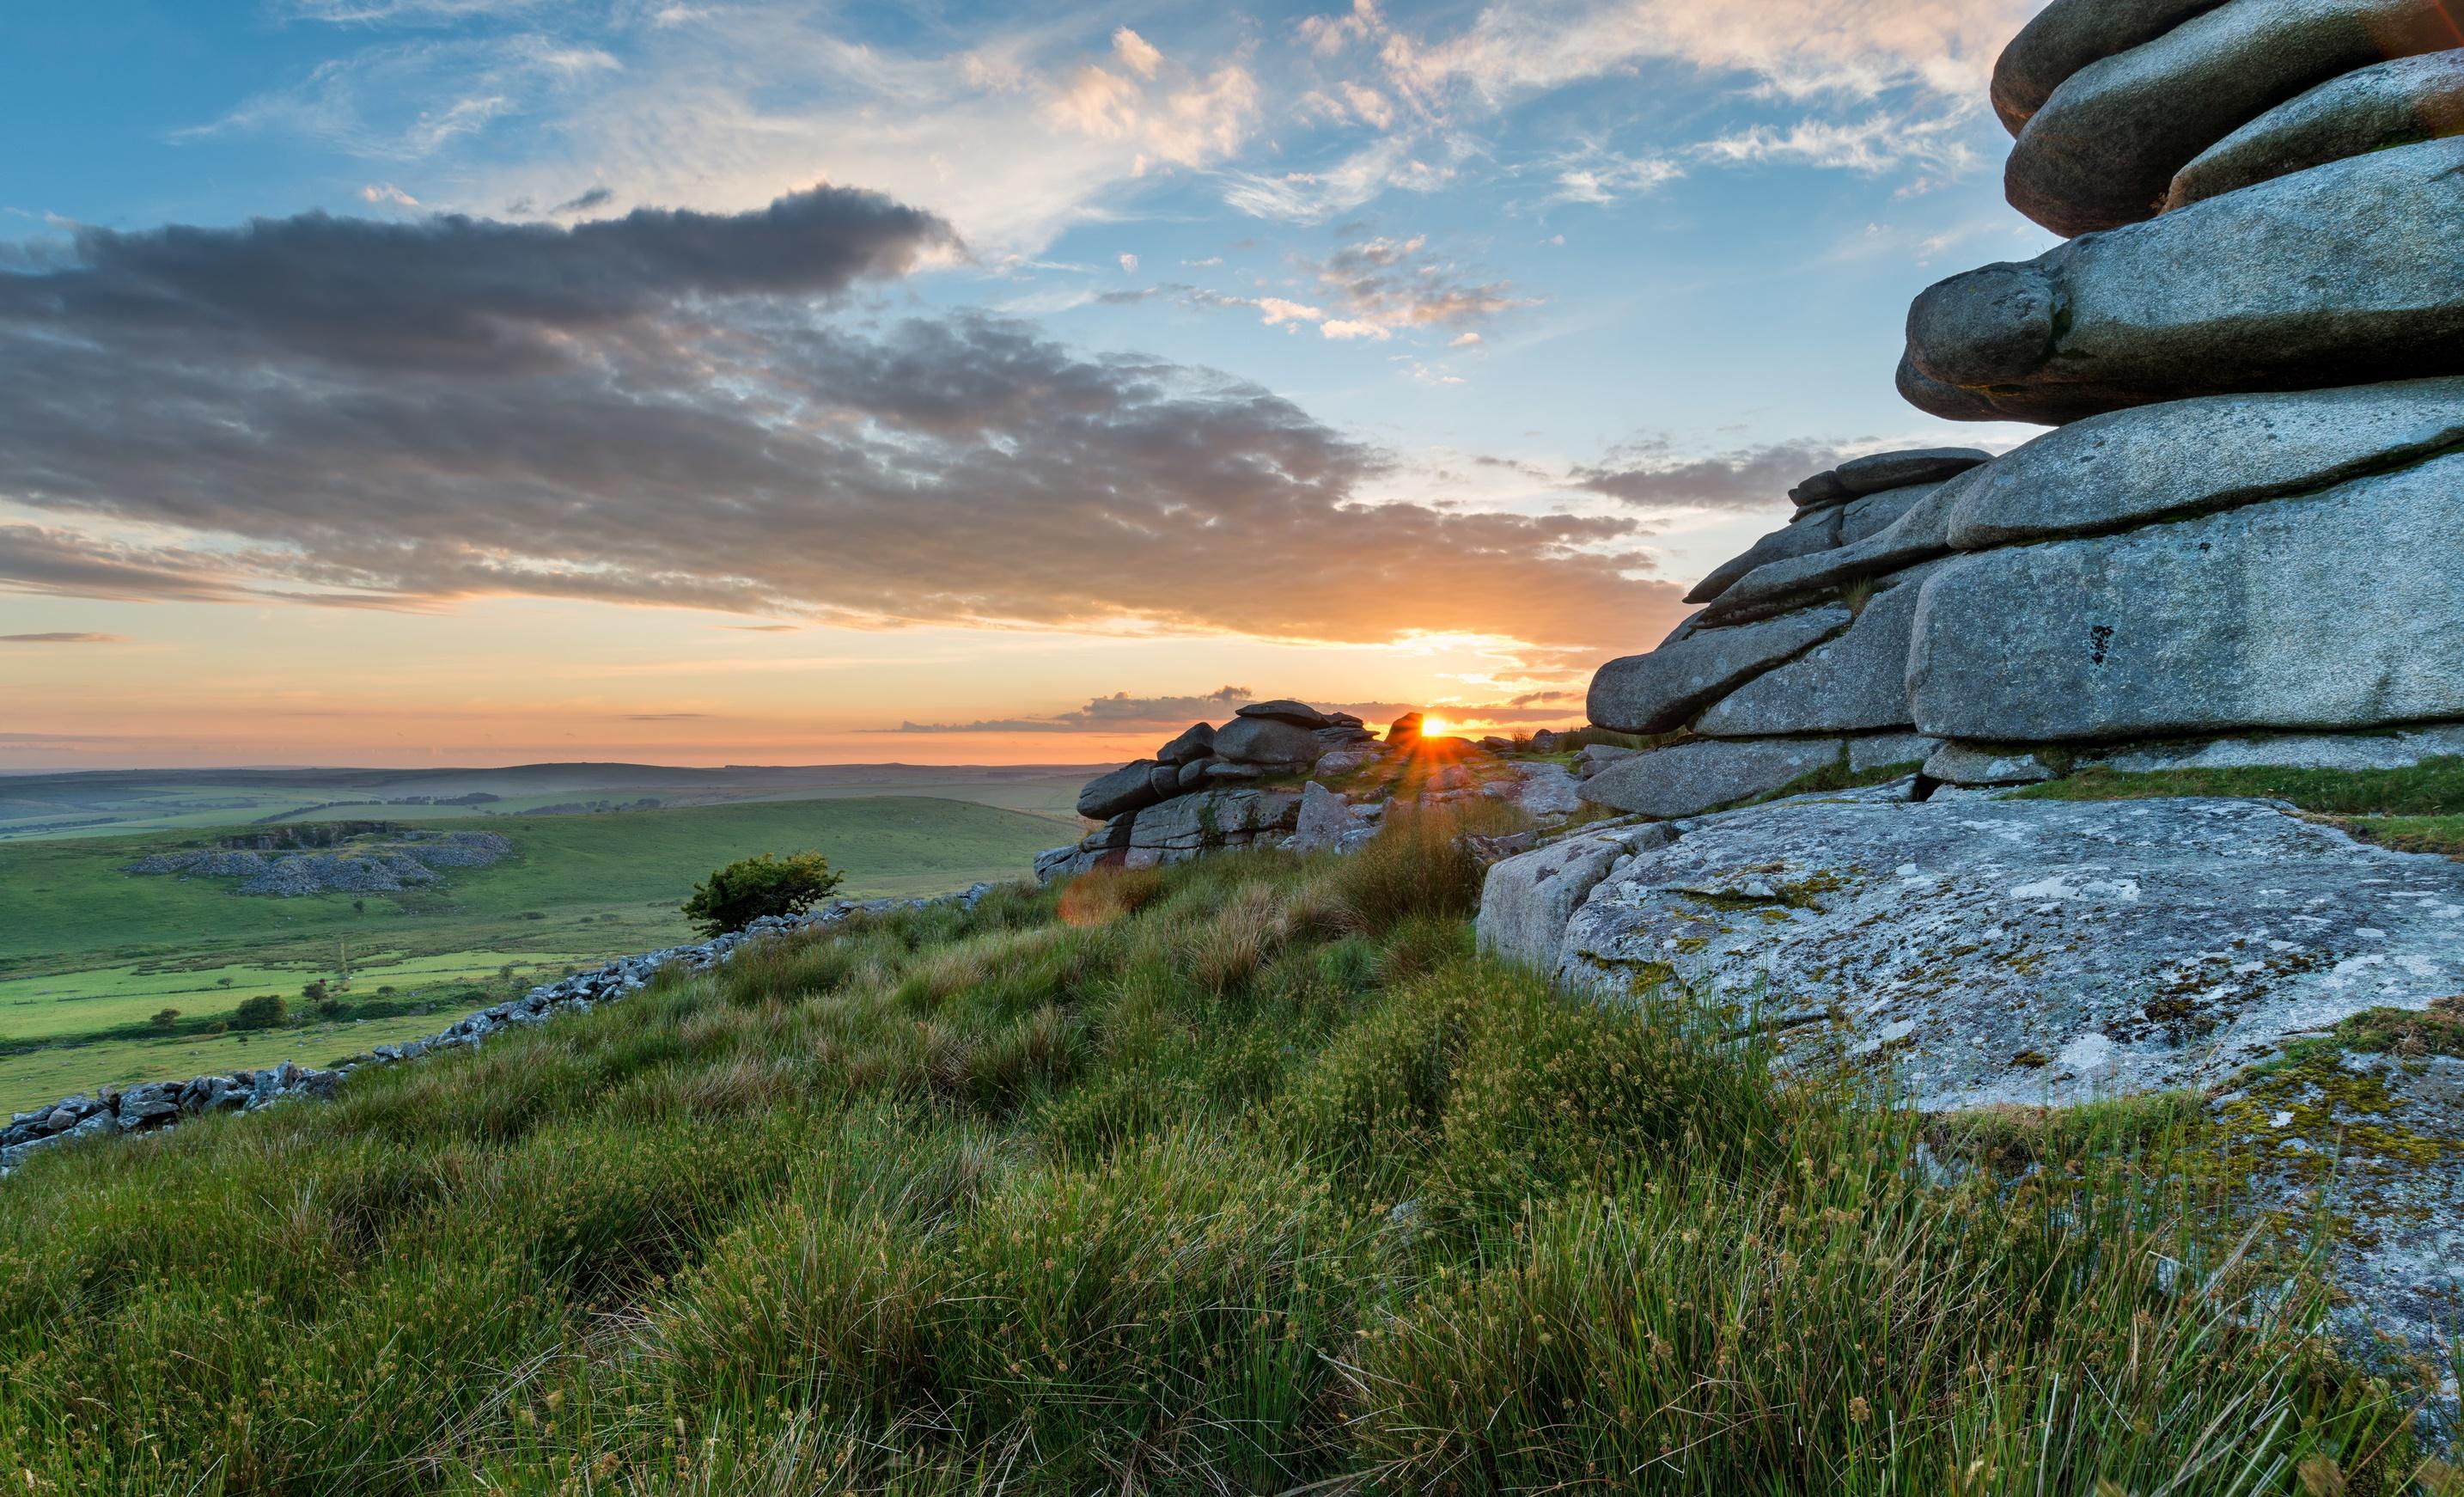 Bodmin Moor, Cornwall, at Sunset